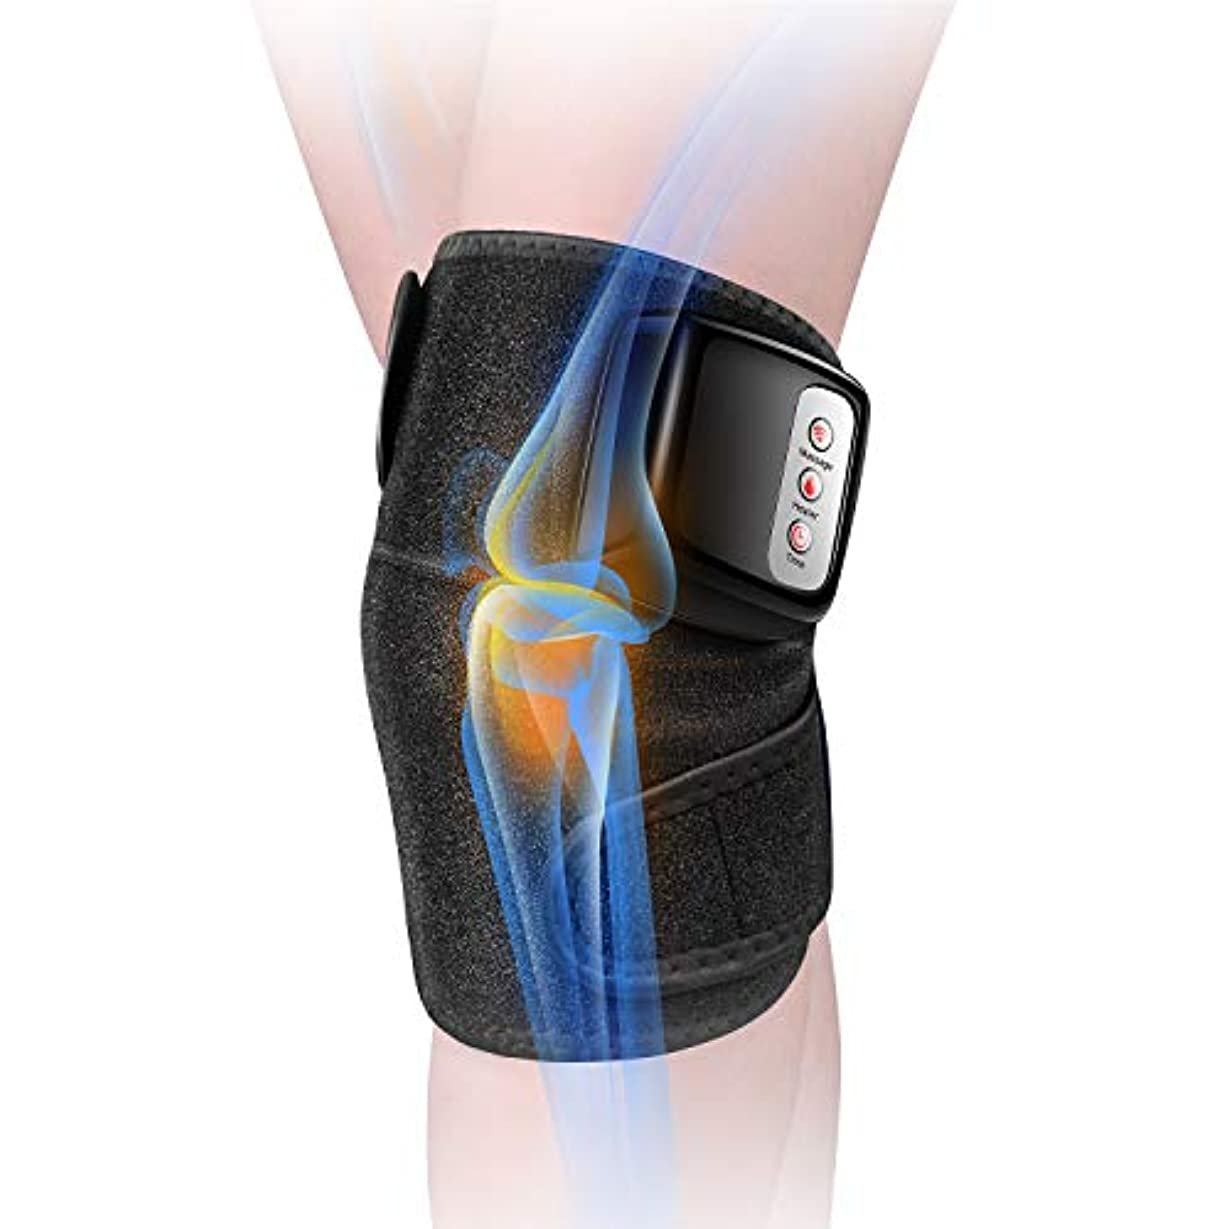 司法生じるカード膝マッサージャー 関節マッサージャー マッサージ器 フットマッサージャー 振動 赤外線療法 温熱療法 膝サポーター ストレス解消 肩 太もも/腕対応